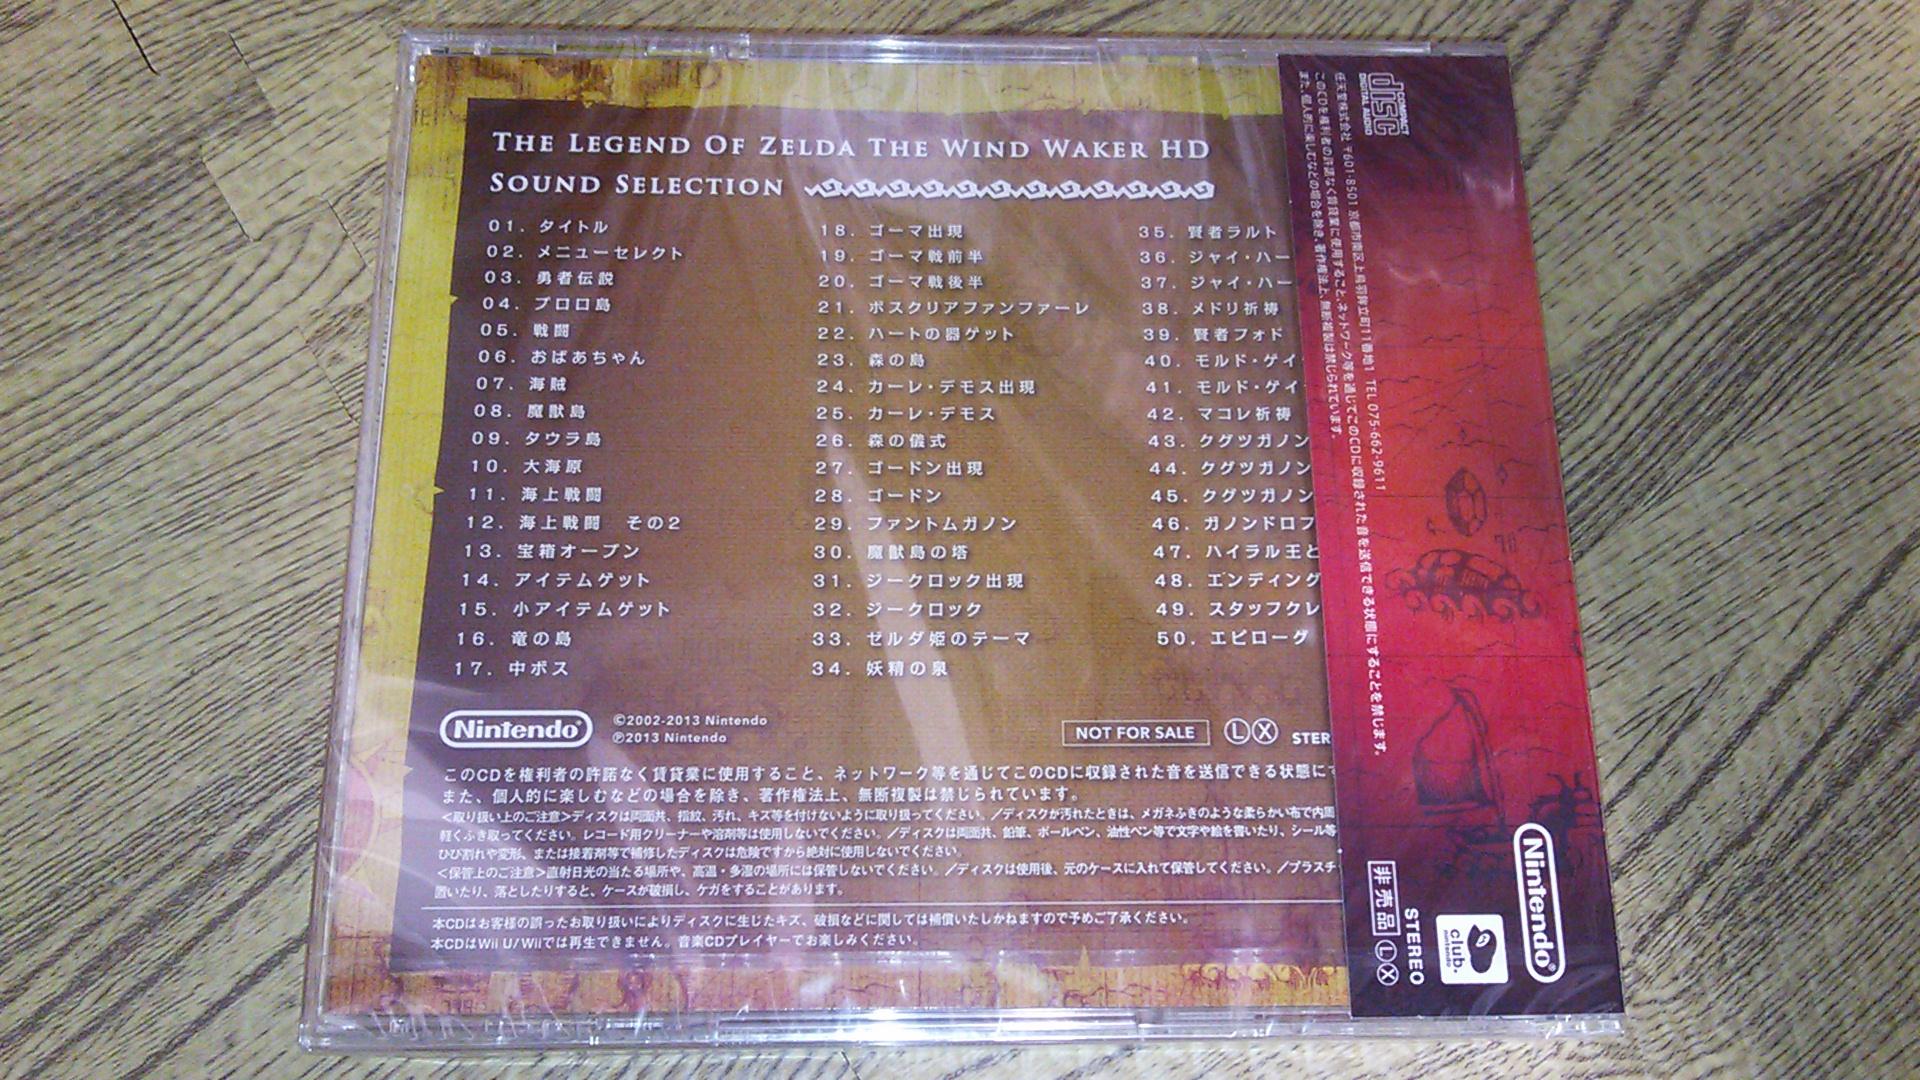 クラニンから「ゼルダの伝説 風のタクトHD サウンドセレクション」が届いた